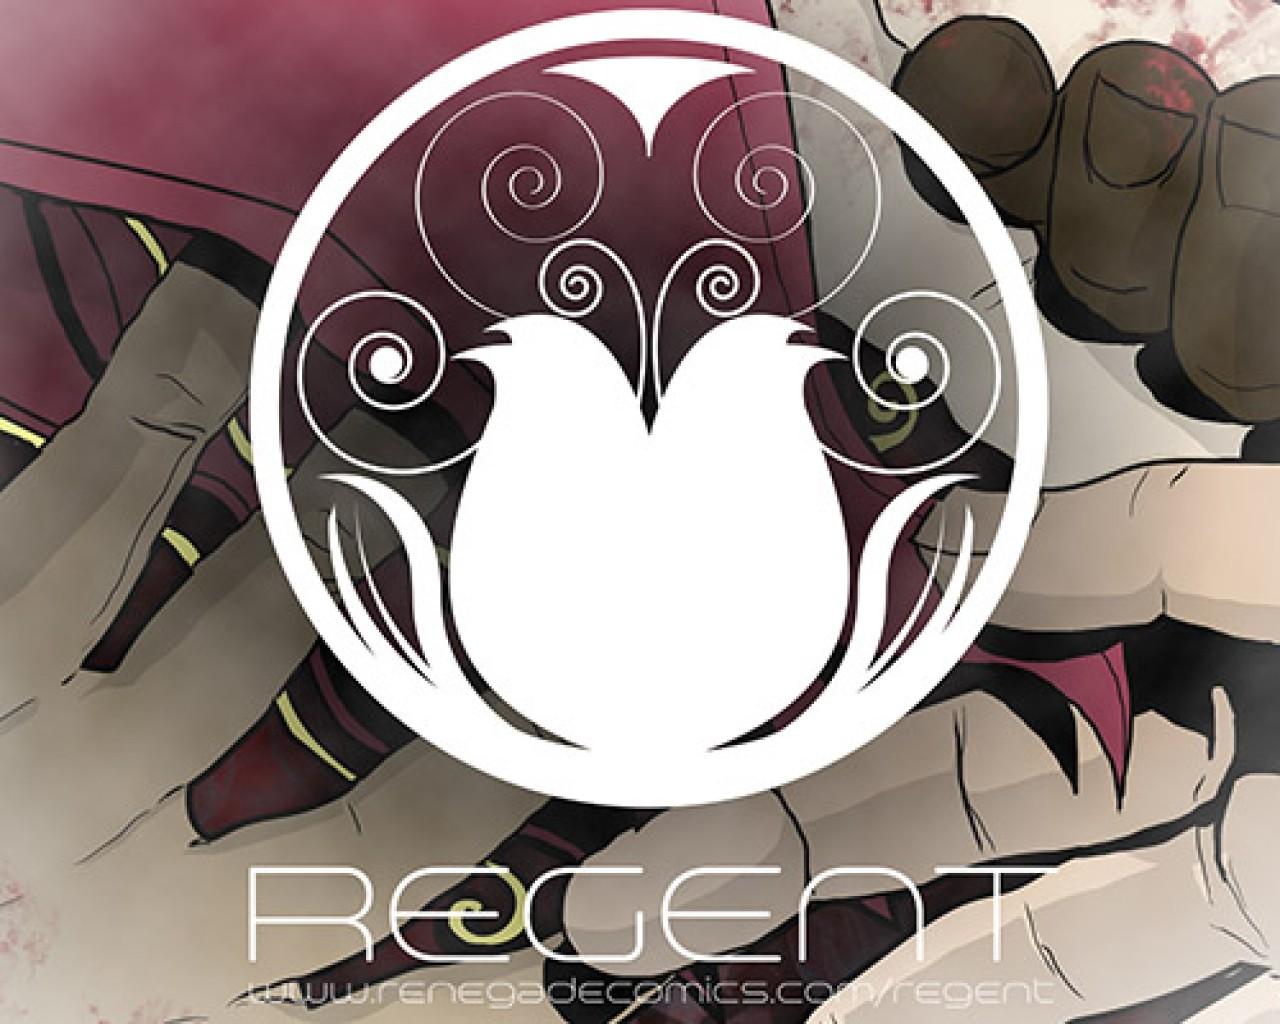 Poster Image for Regent